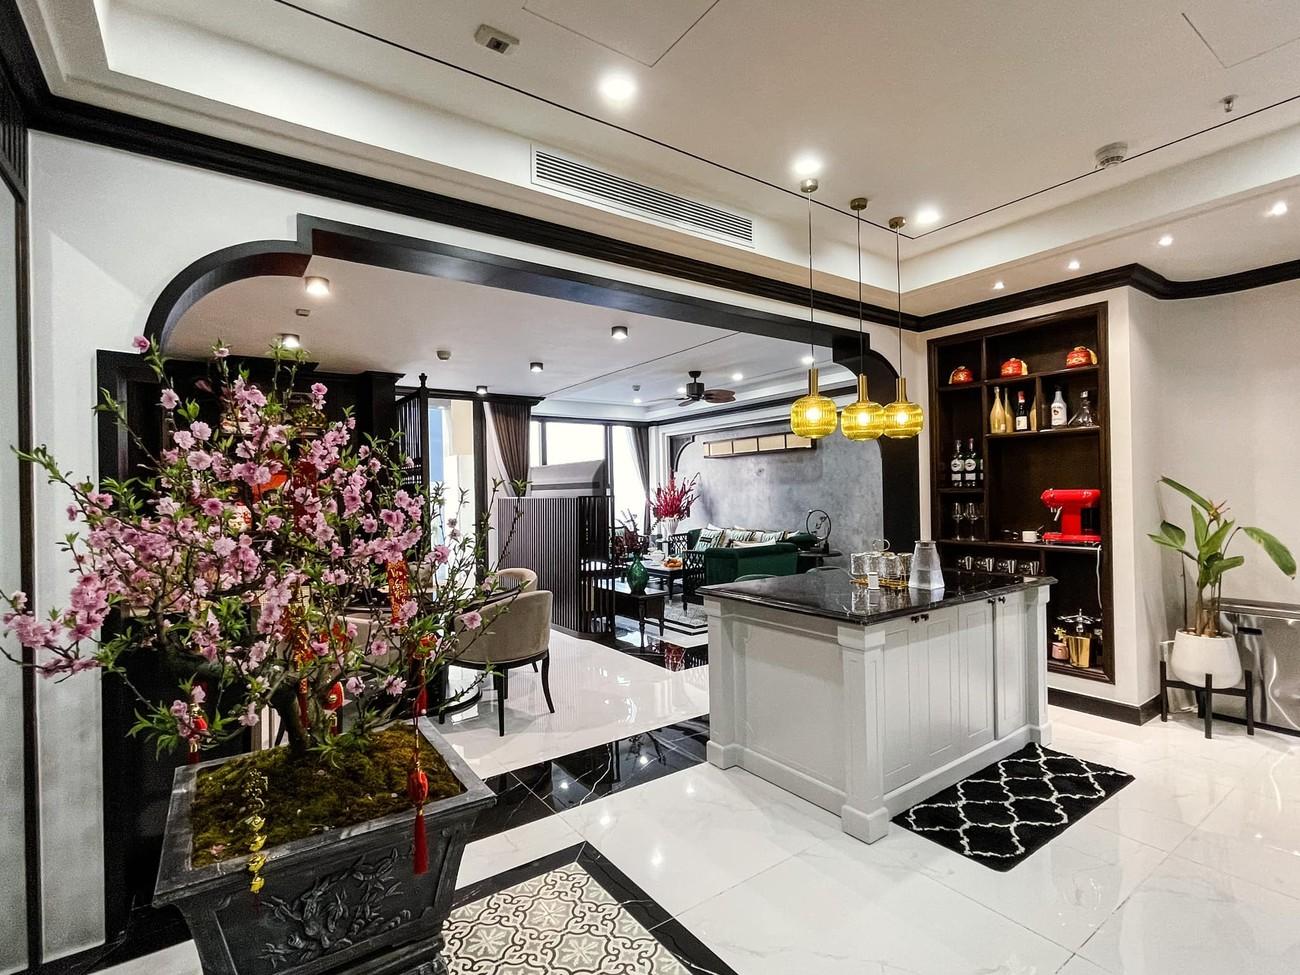 Cận cảnh căn hộ cao cấp, sang trọng như khách sạn của 'Quỳnh búp bê' Phương Oanh ảnh 3